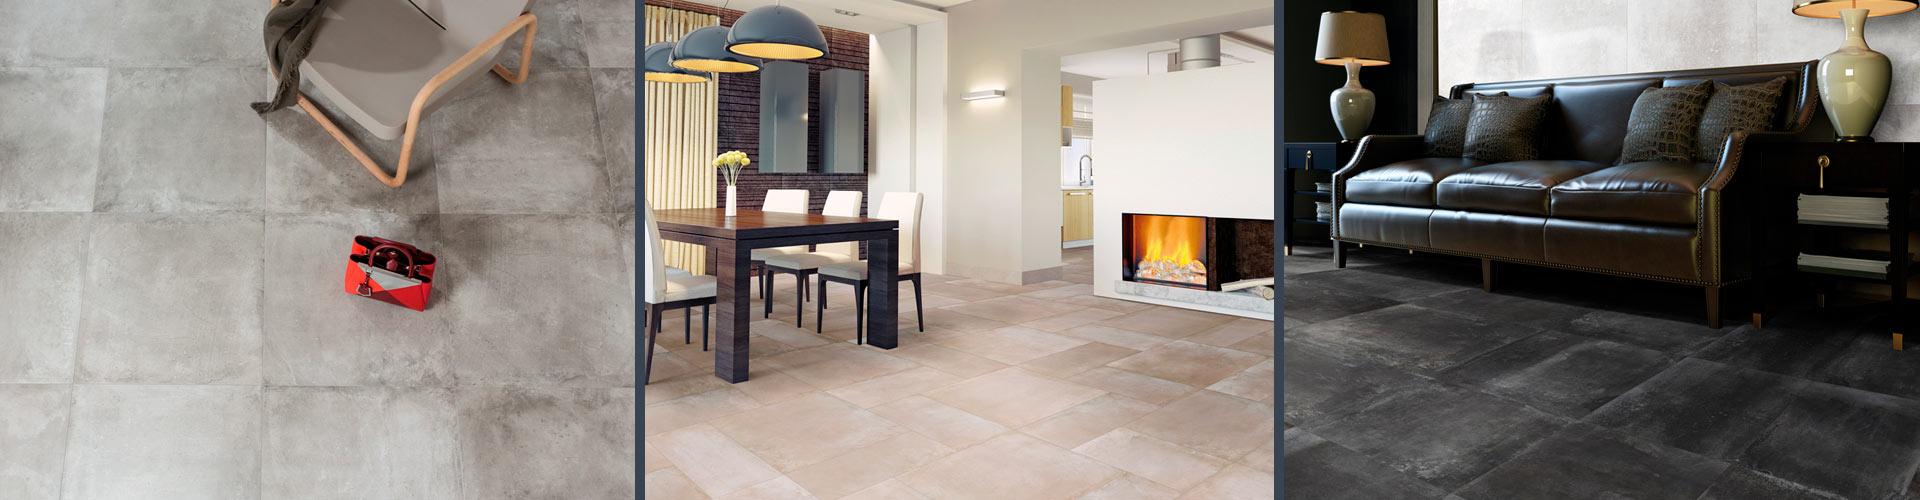 Напольный керамогранит с эстетикой из бетона